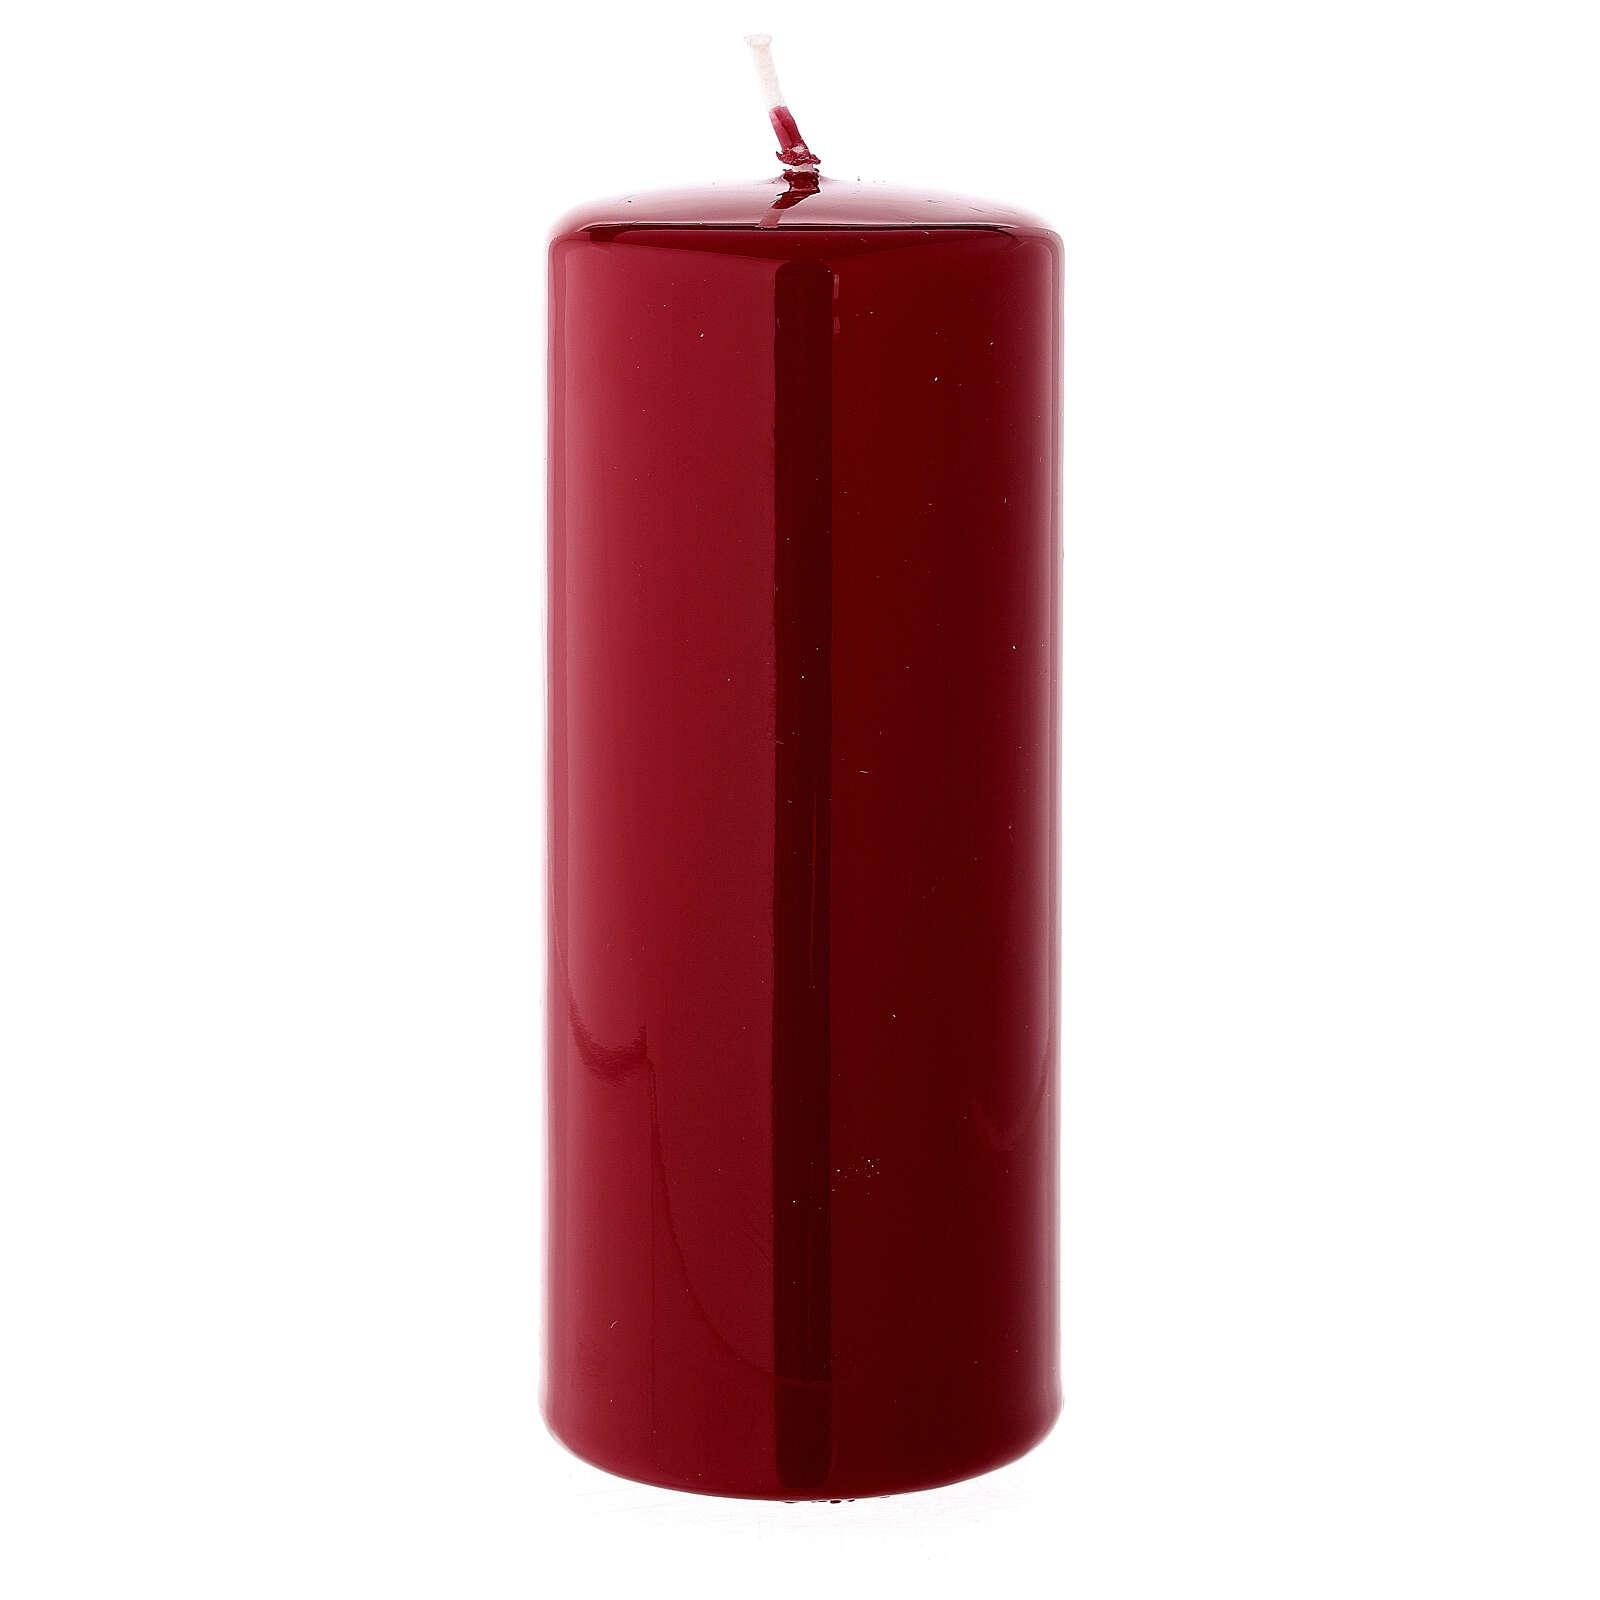 Bougie de Noël cylindre cire à cacheter rouge foncé brillant 150x60 mm 3